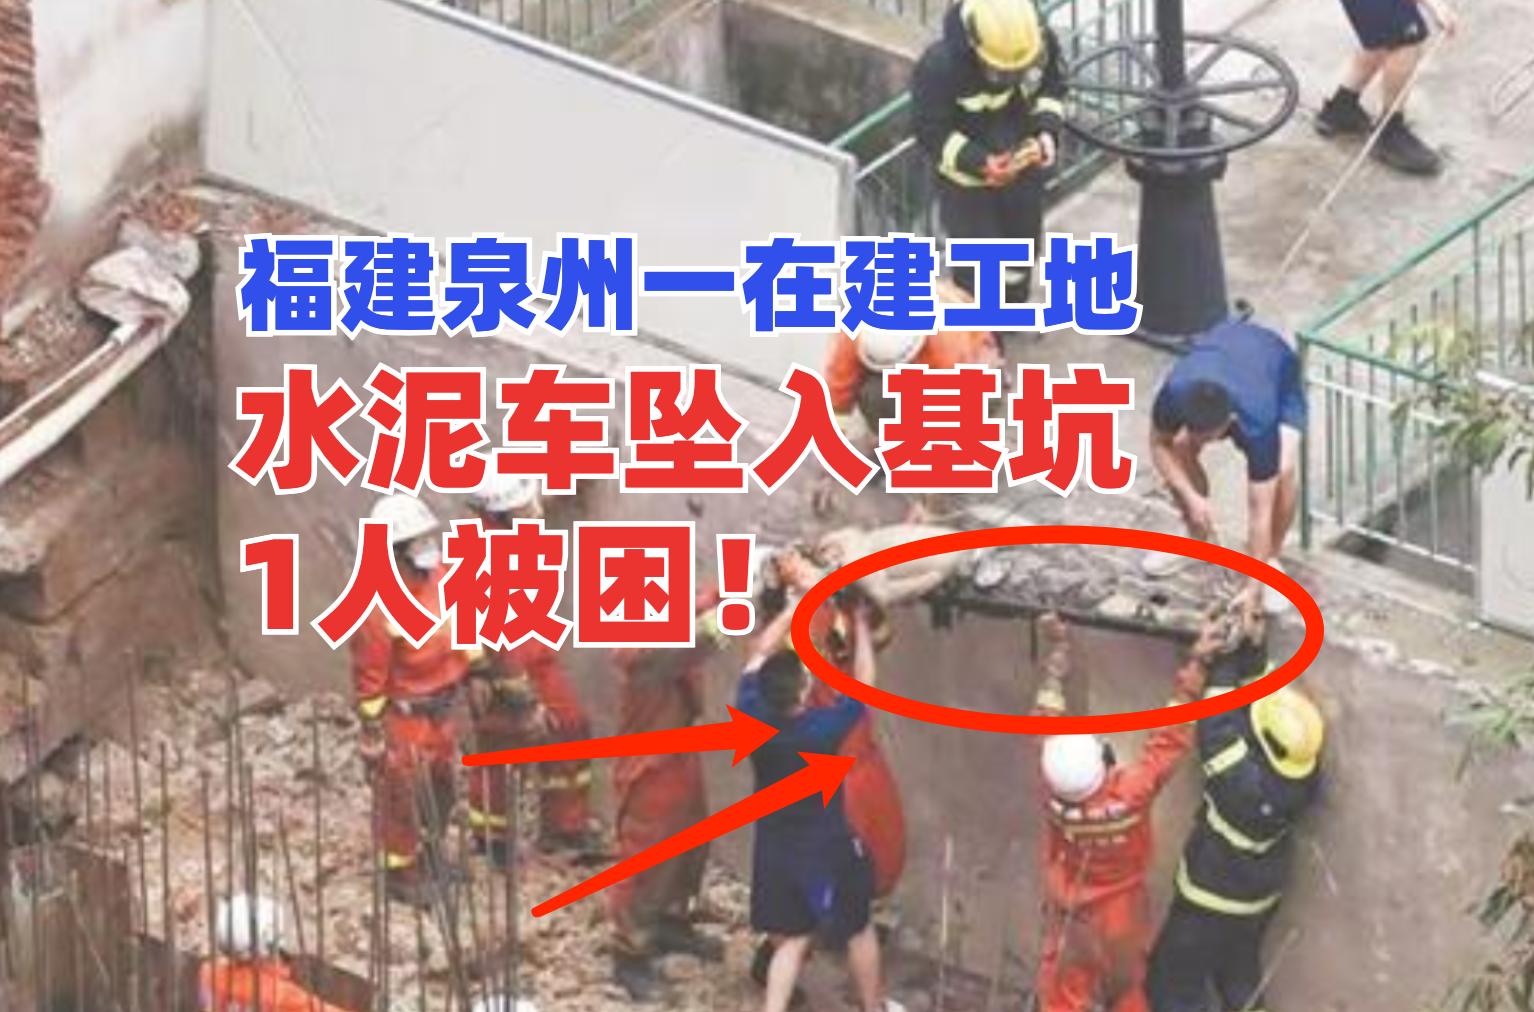 塌了!6月1日福建省泉州市一在建工地水泥车坠入基坑致工人被困